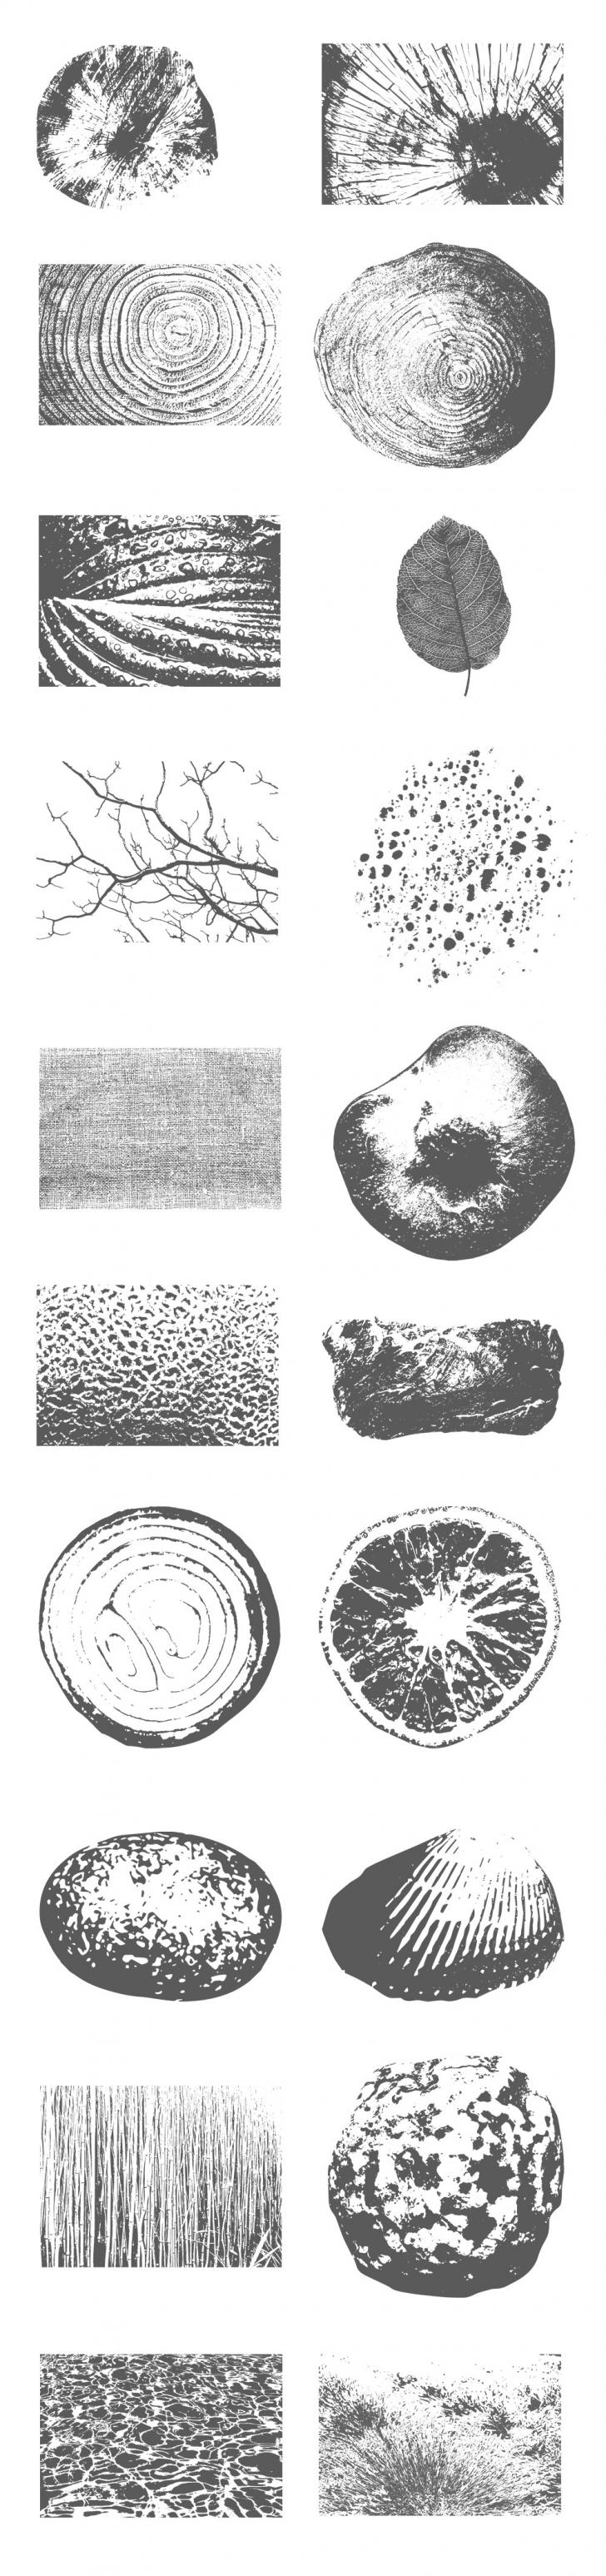 木や木の葉、貝殻など自然模様のテクスチャ素材 - Organic Vector Textures(PSD)